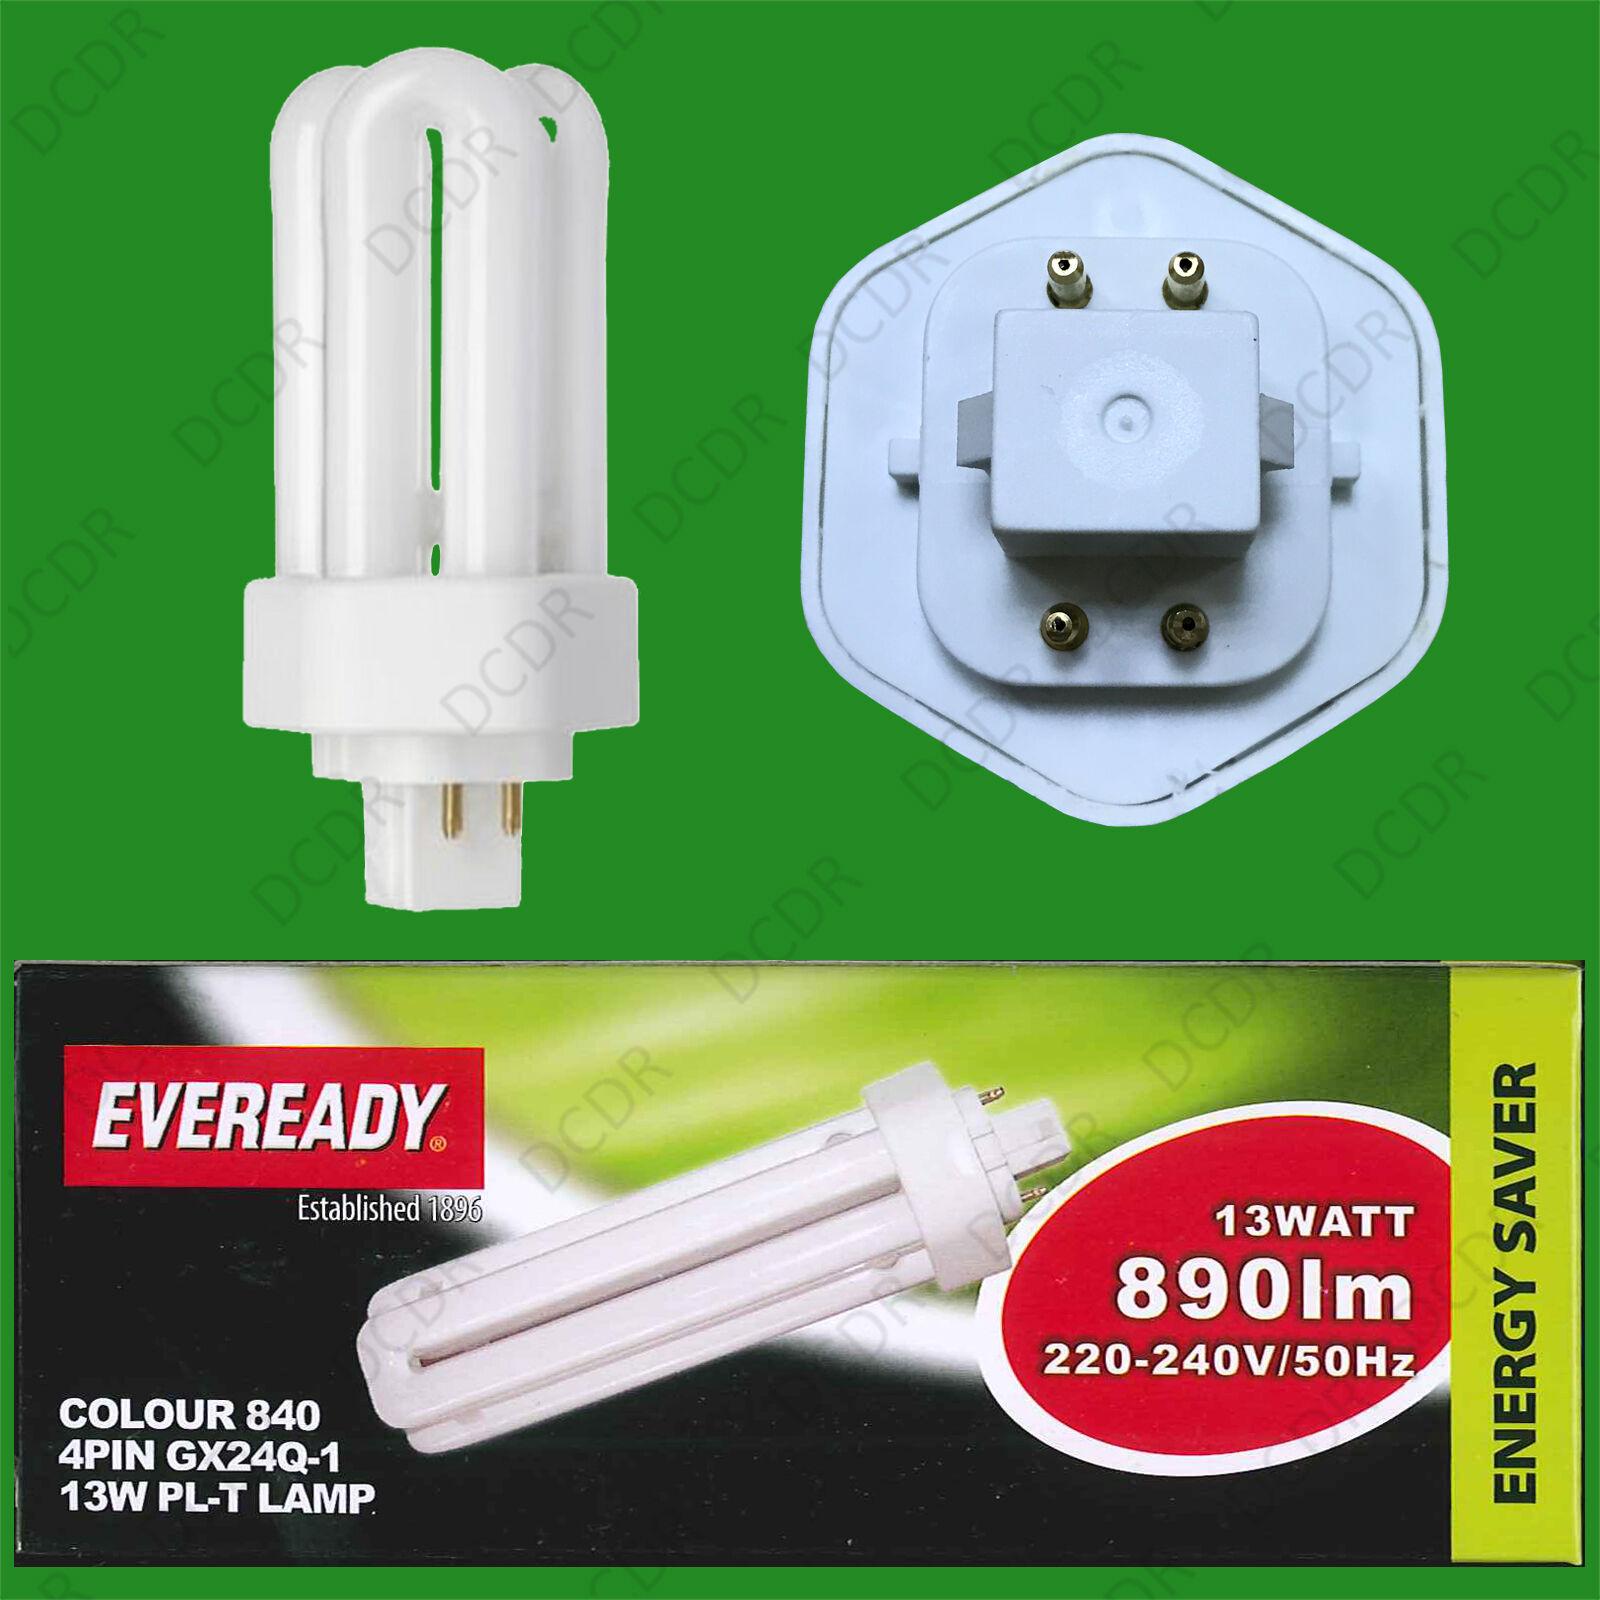 25 x x x 13W GX24Q-1 A 4 Pin CFL PL-T Doppio Luce Lampadina 4000k Bianco Frossodo 953b26